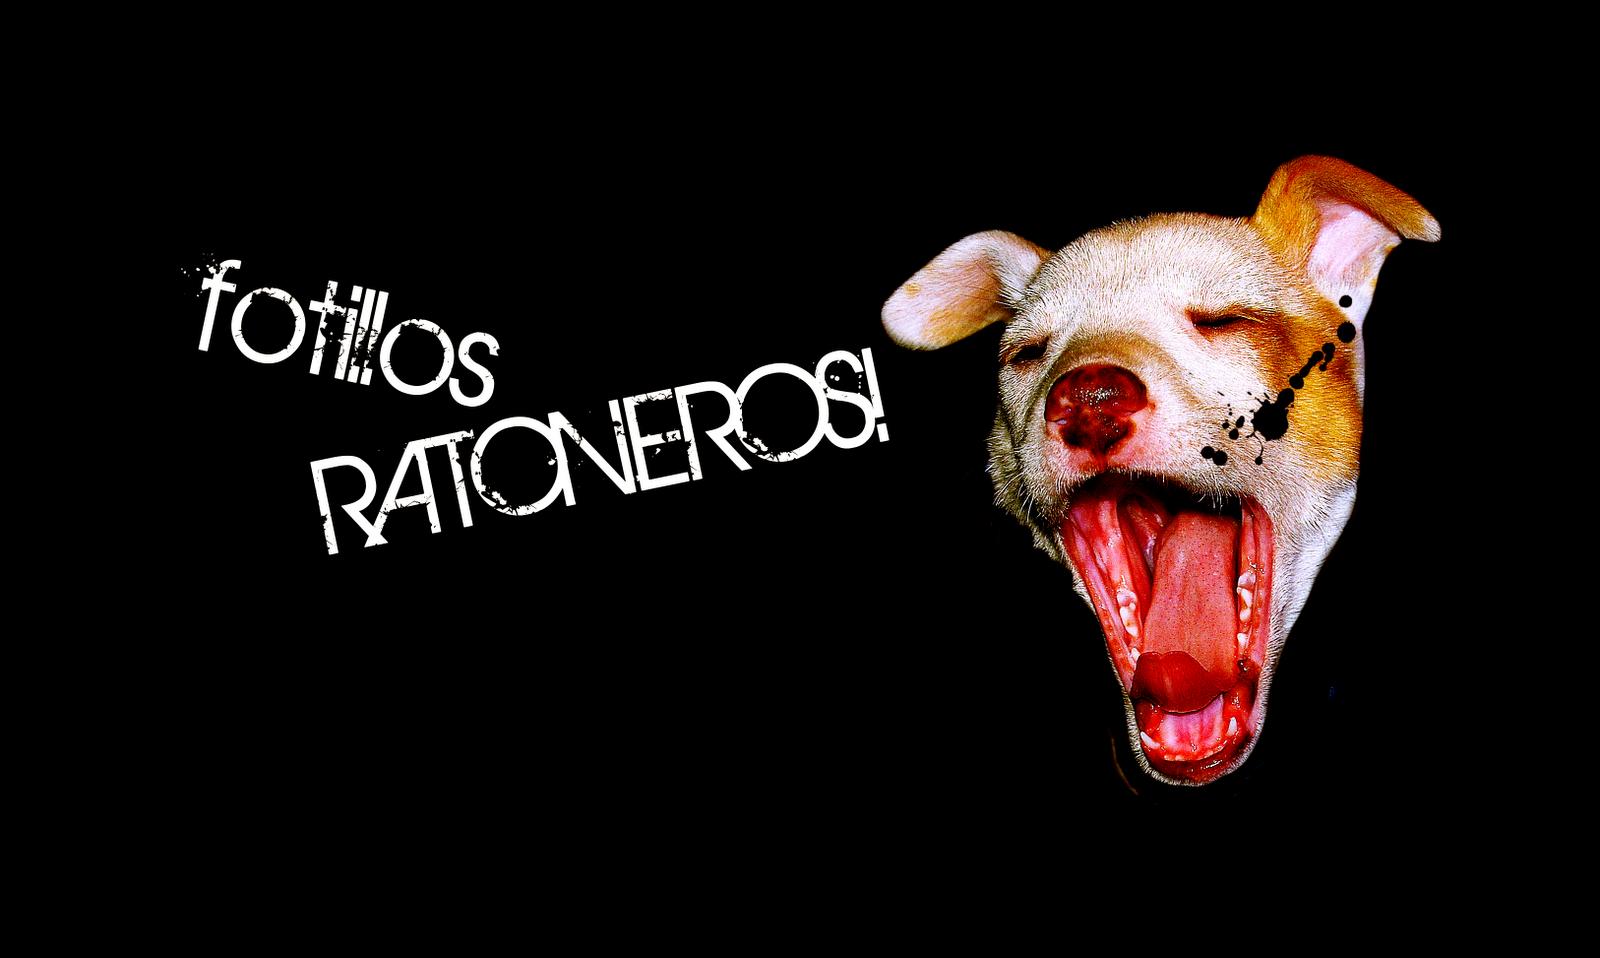 FOTILLOS RATONEROS